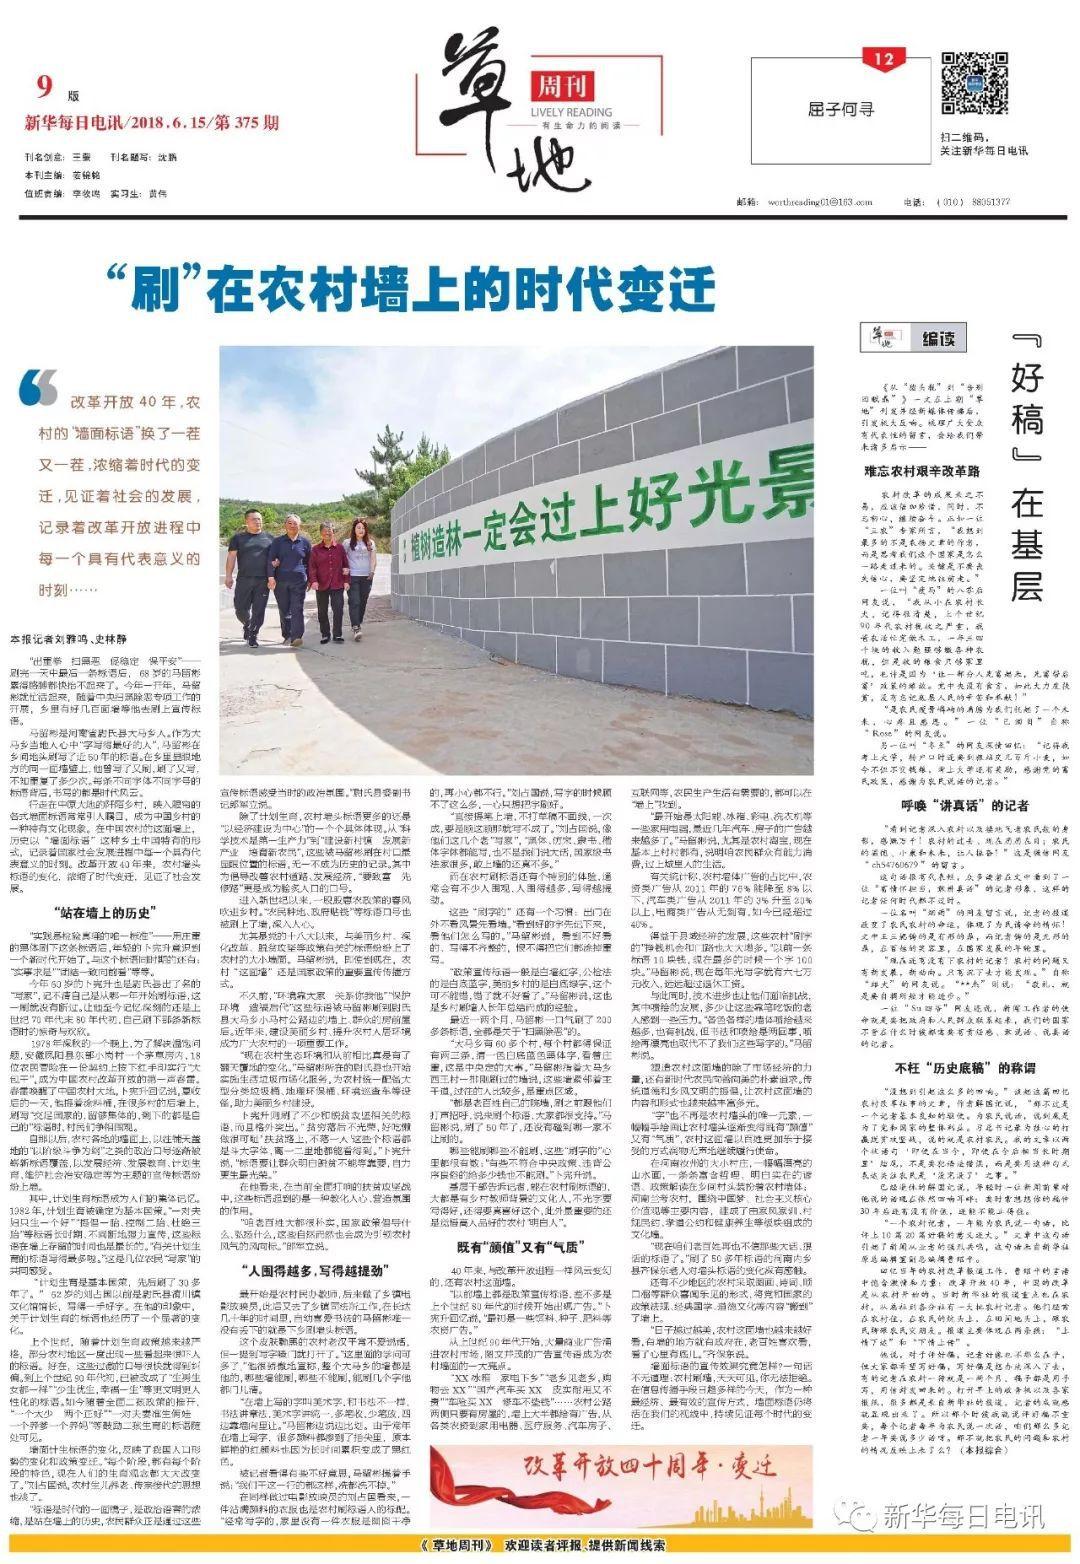 """体彩超级大乐透:改革开放40周年・""""刷""""在农村墙上的时代变迁"""